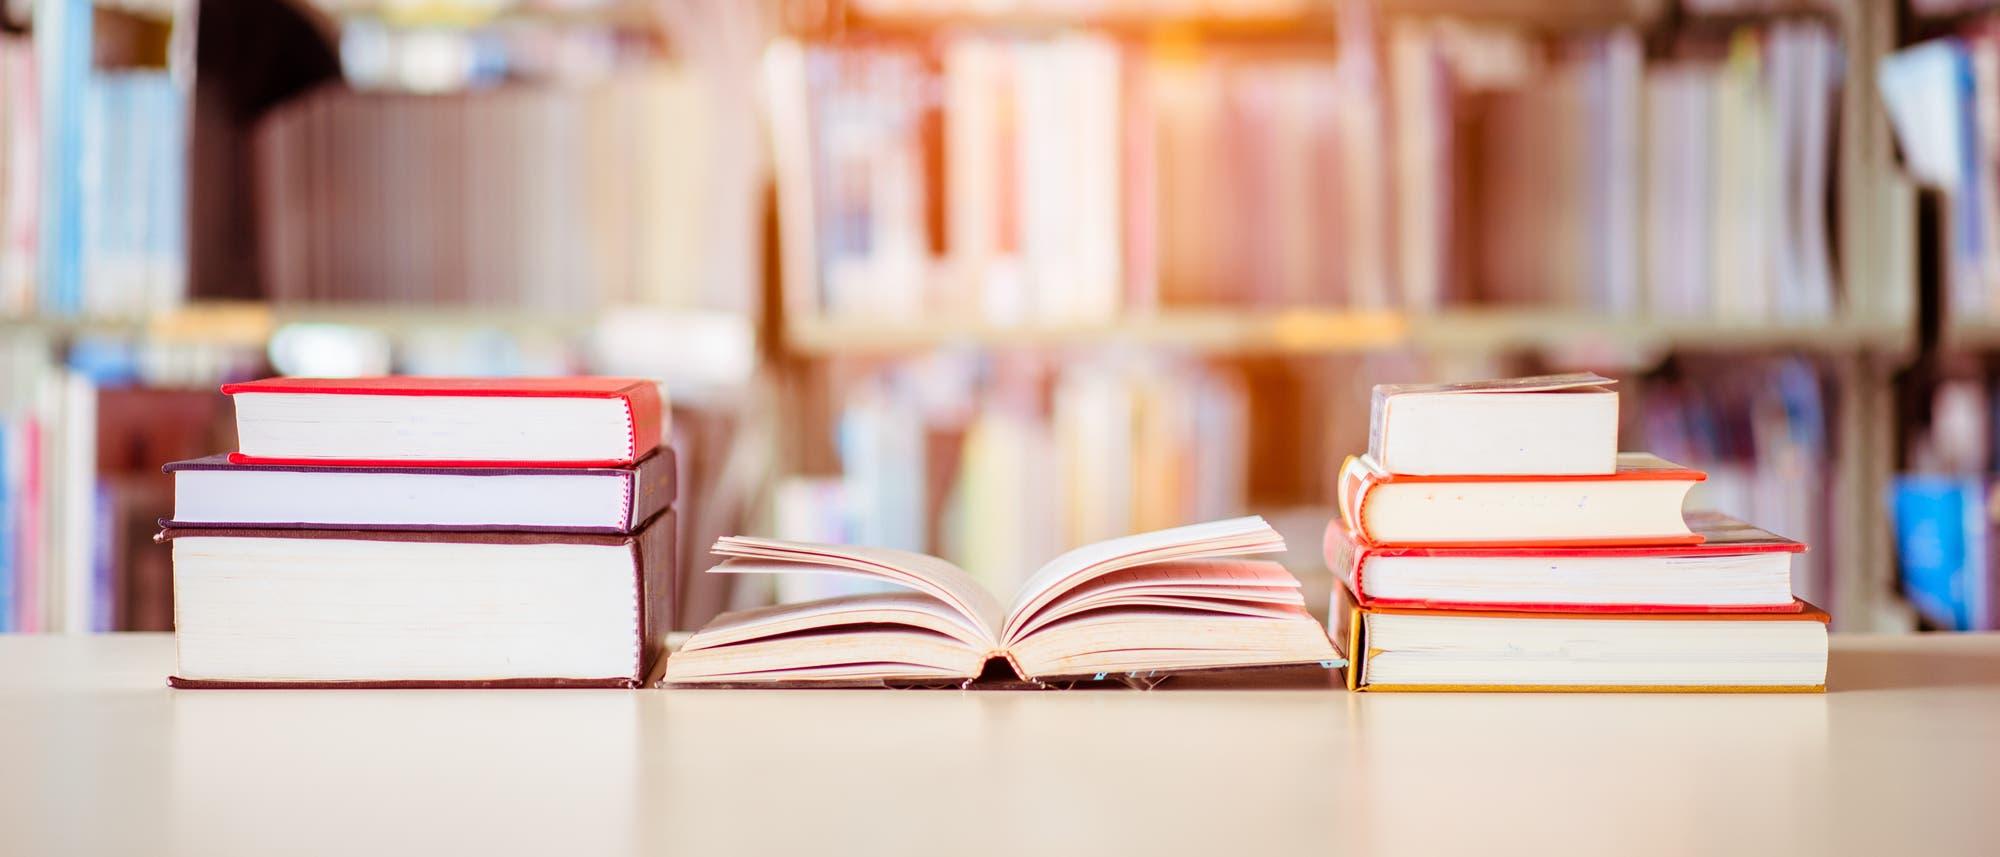 Bücherstapel vor Bücherregal in einer Bibliothek.